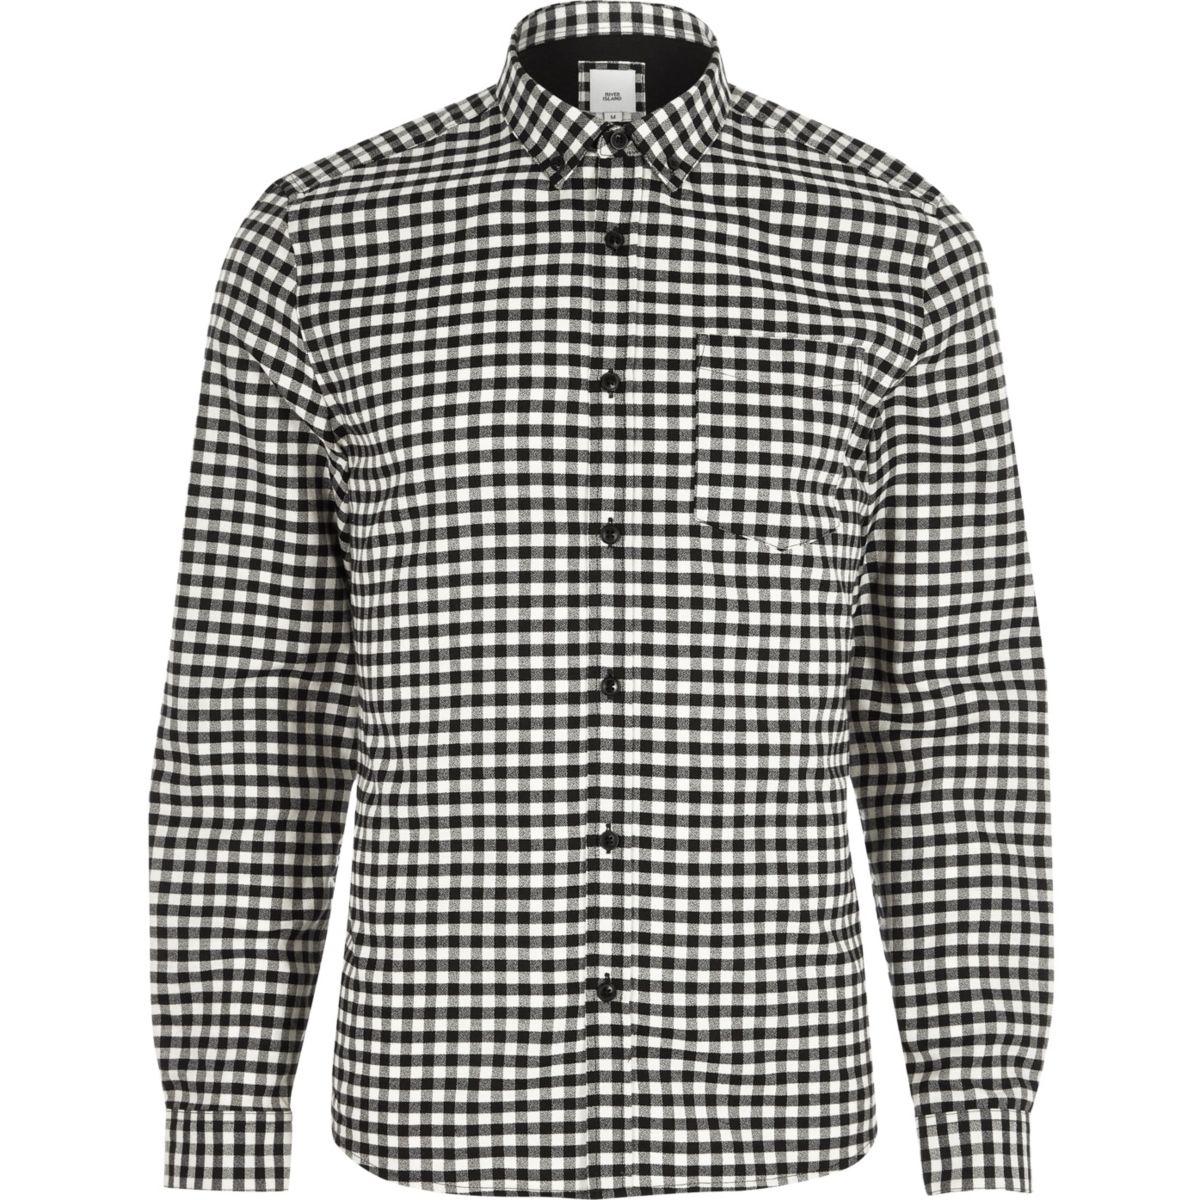 Chemise slim à carreaux vichy noire boutonnée